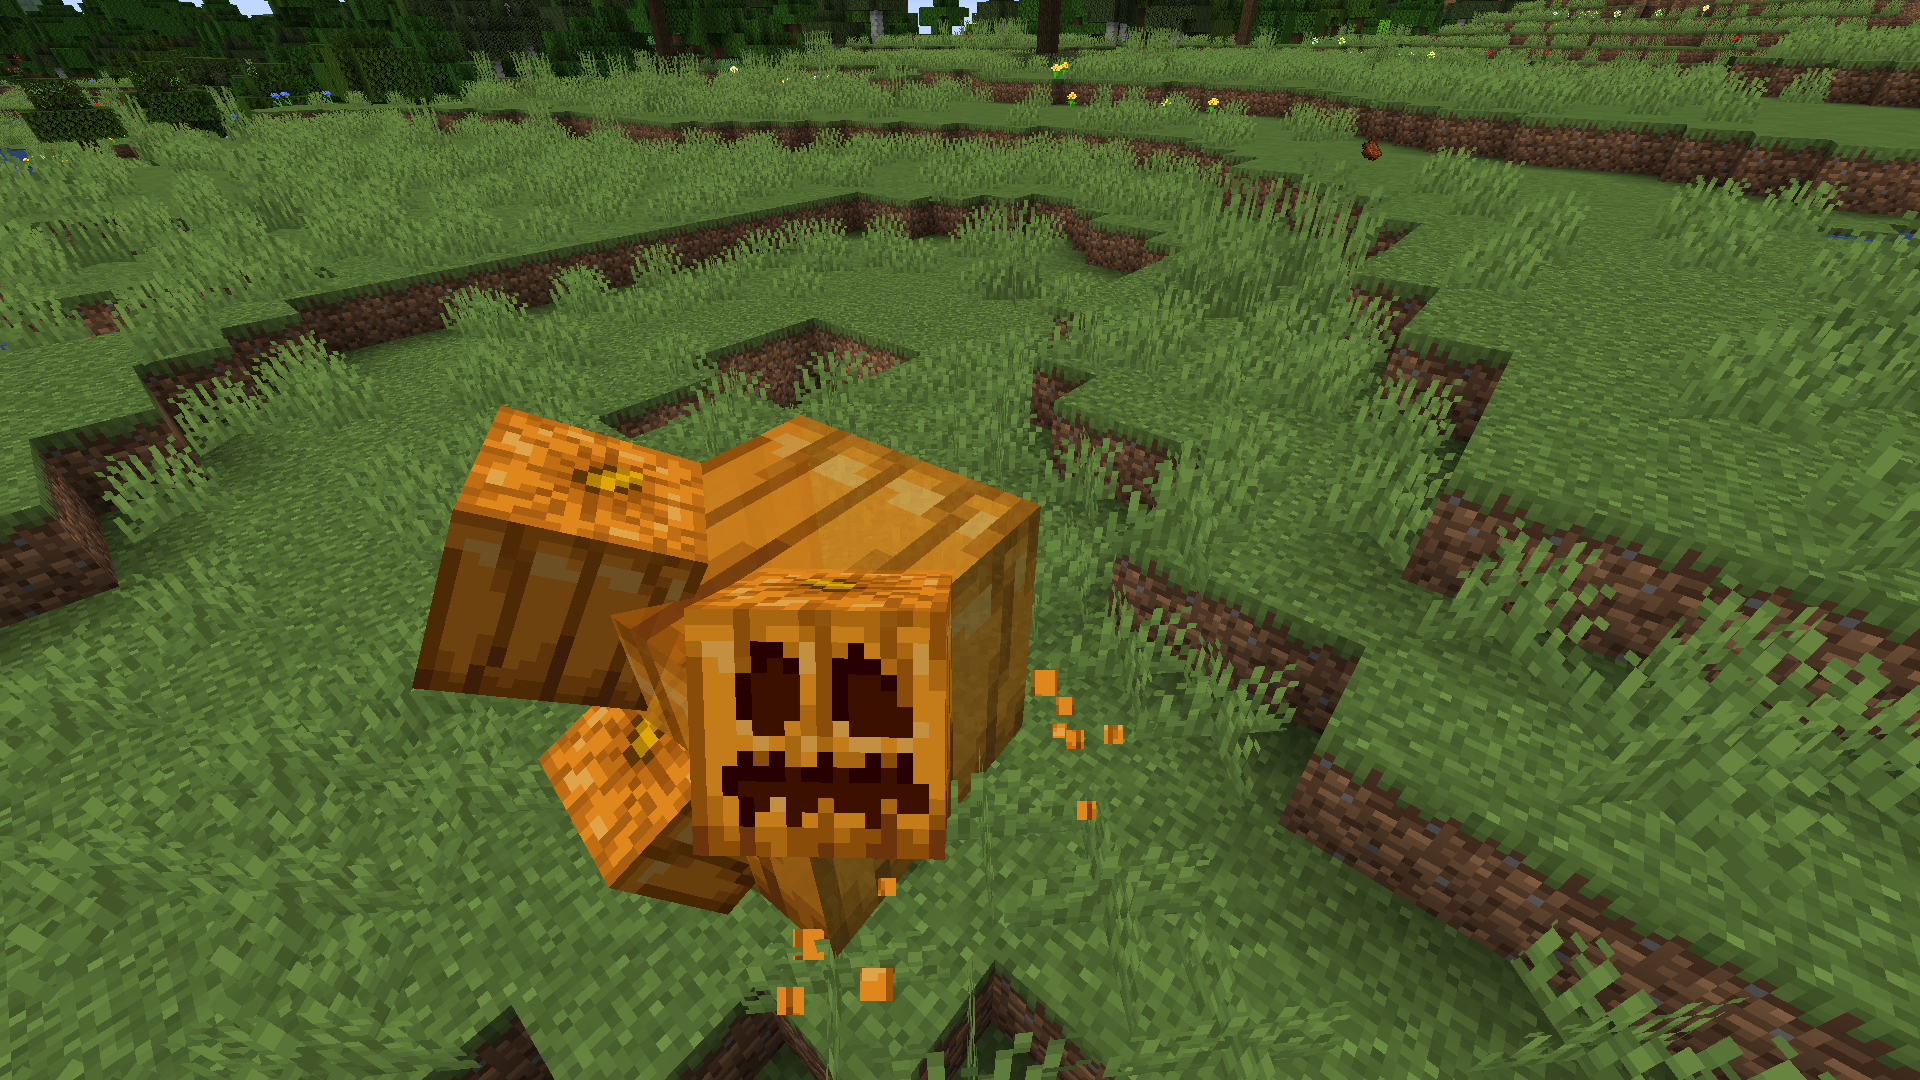 A mutated pumpkin